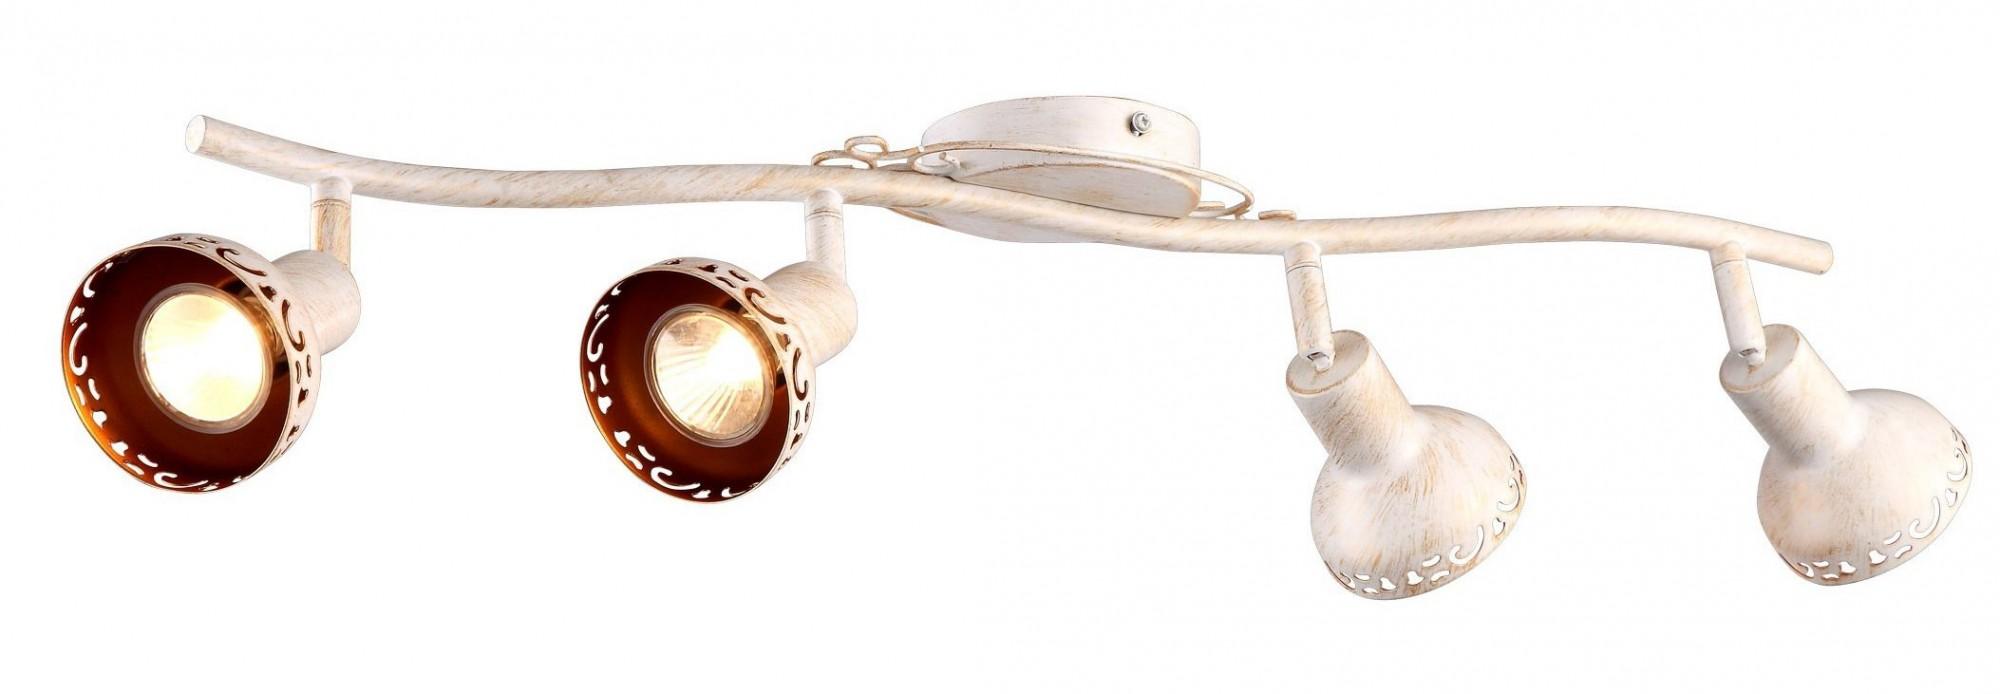 Фото товара A5219PL-4WG Arte Lamp